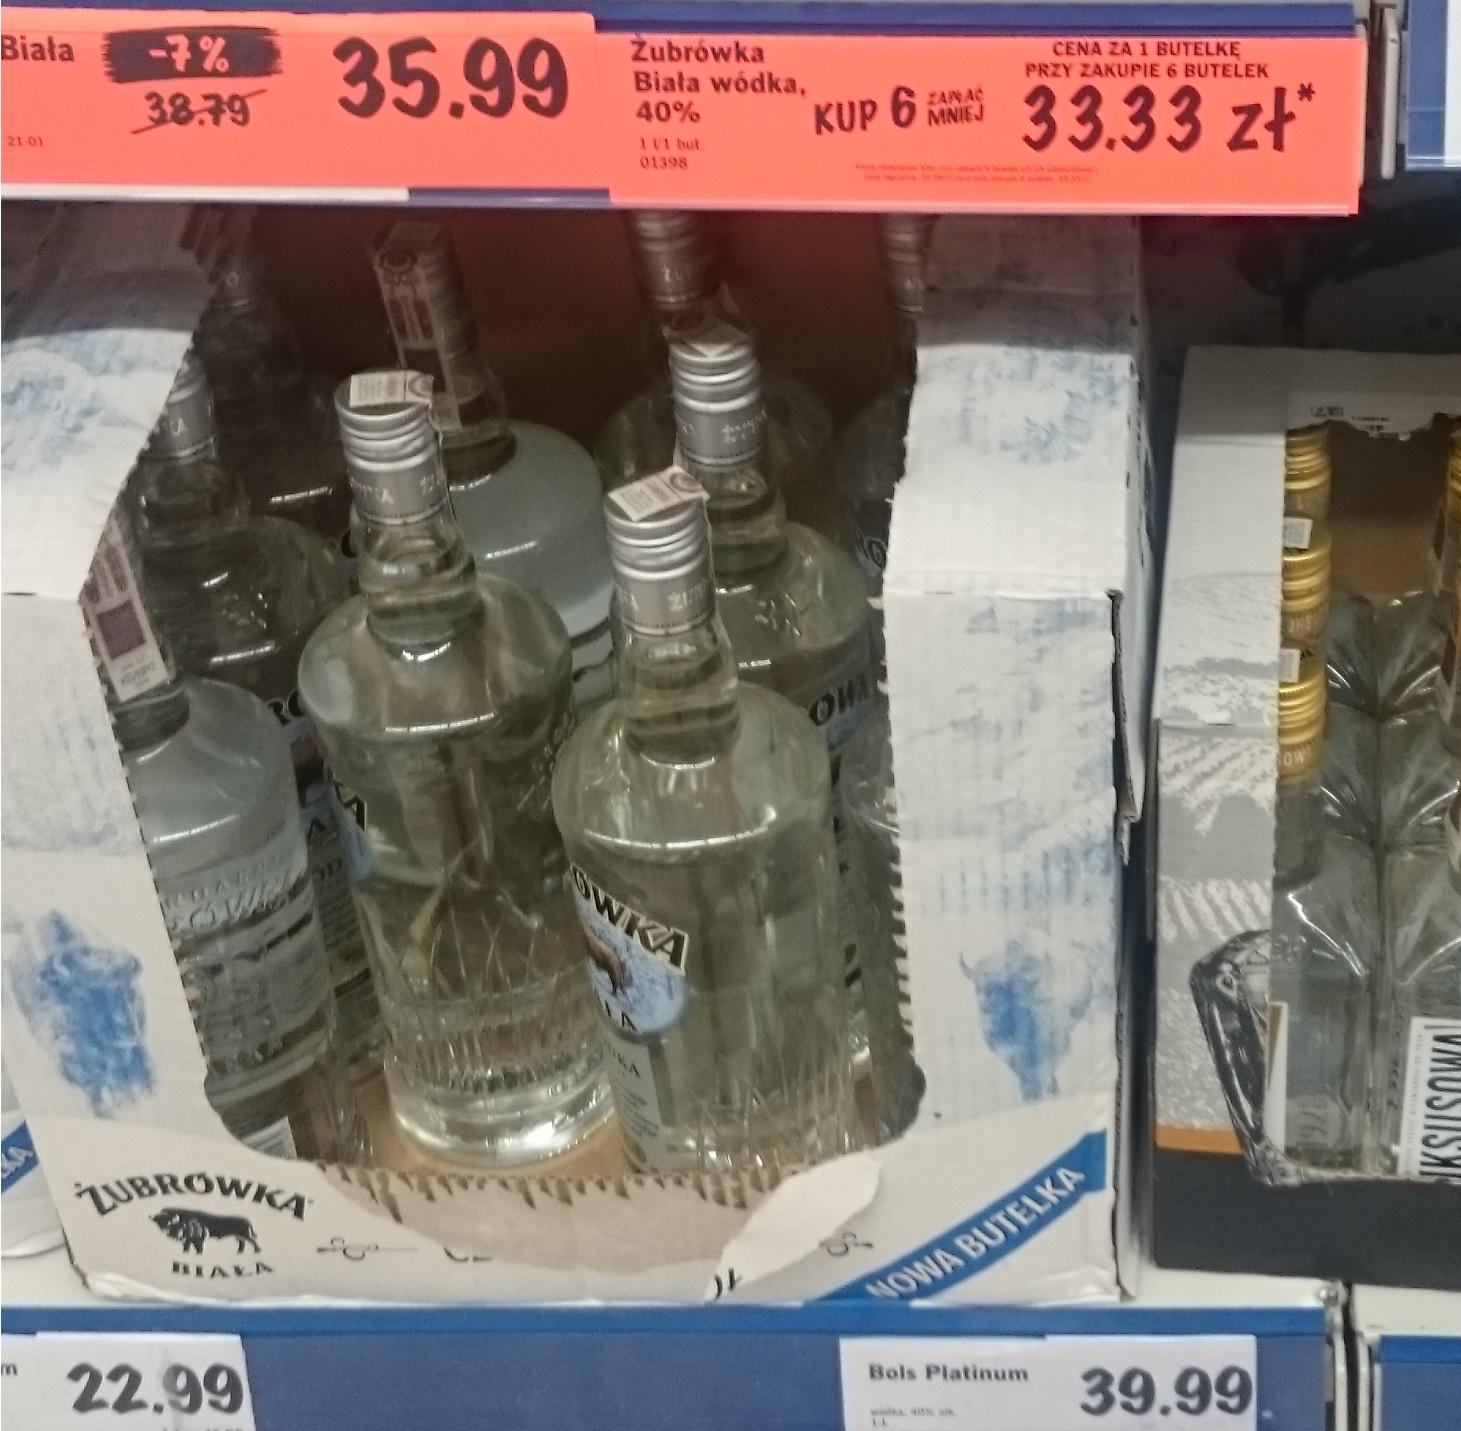 Soplica 1L lub Żubrówka Biała 1L przy zakupie 6 butelek w Lidlu